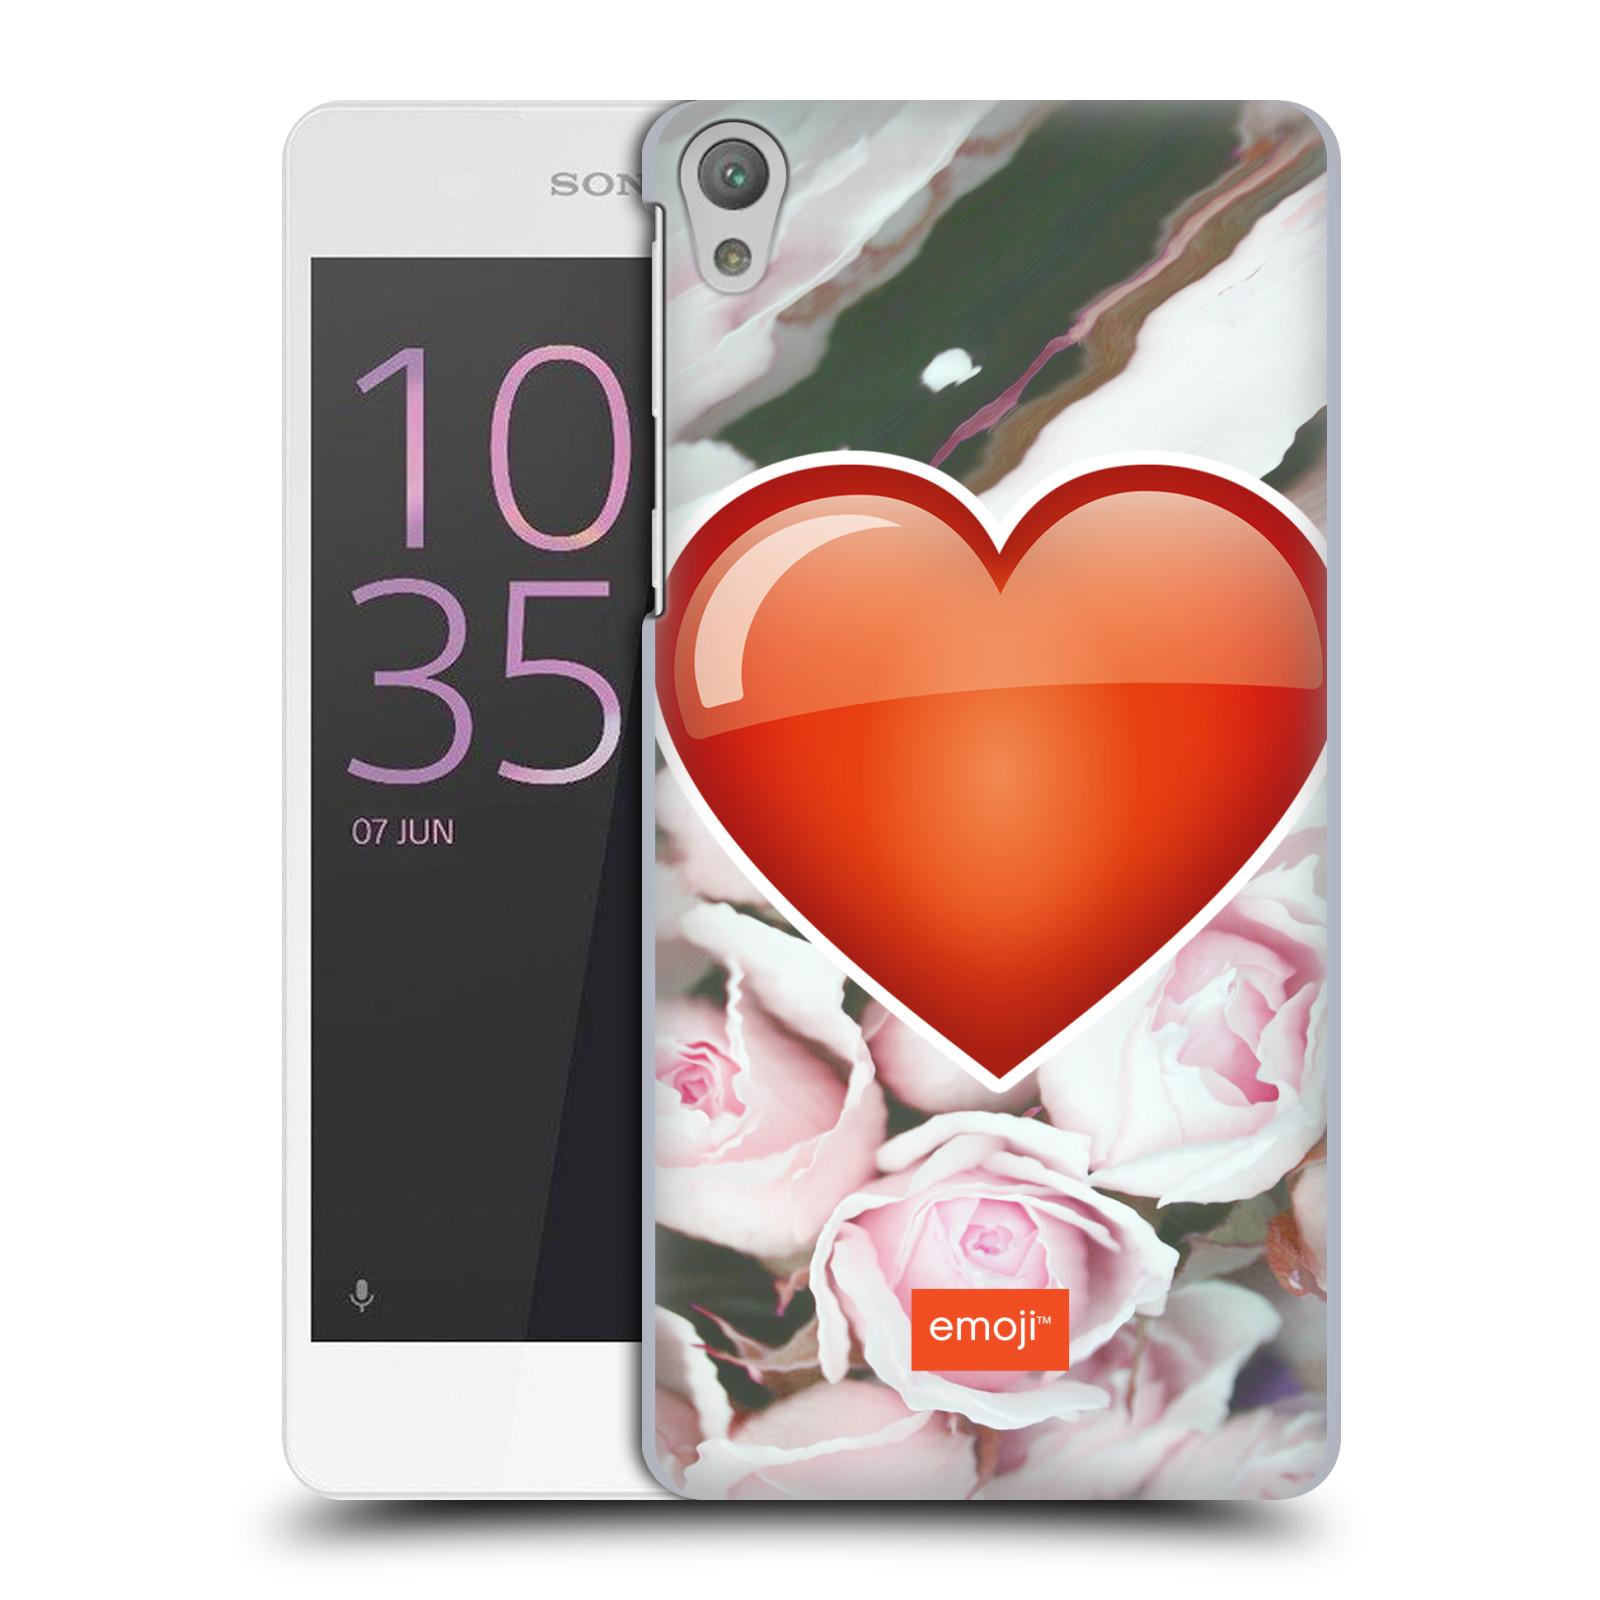 Pouzdro na mobil Sony Xperia E5 - HEAD CASE - Emoji srdíčko